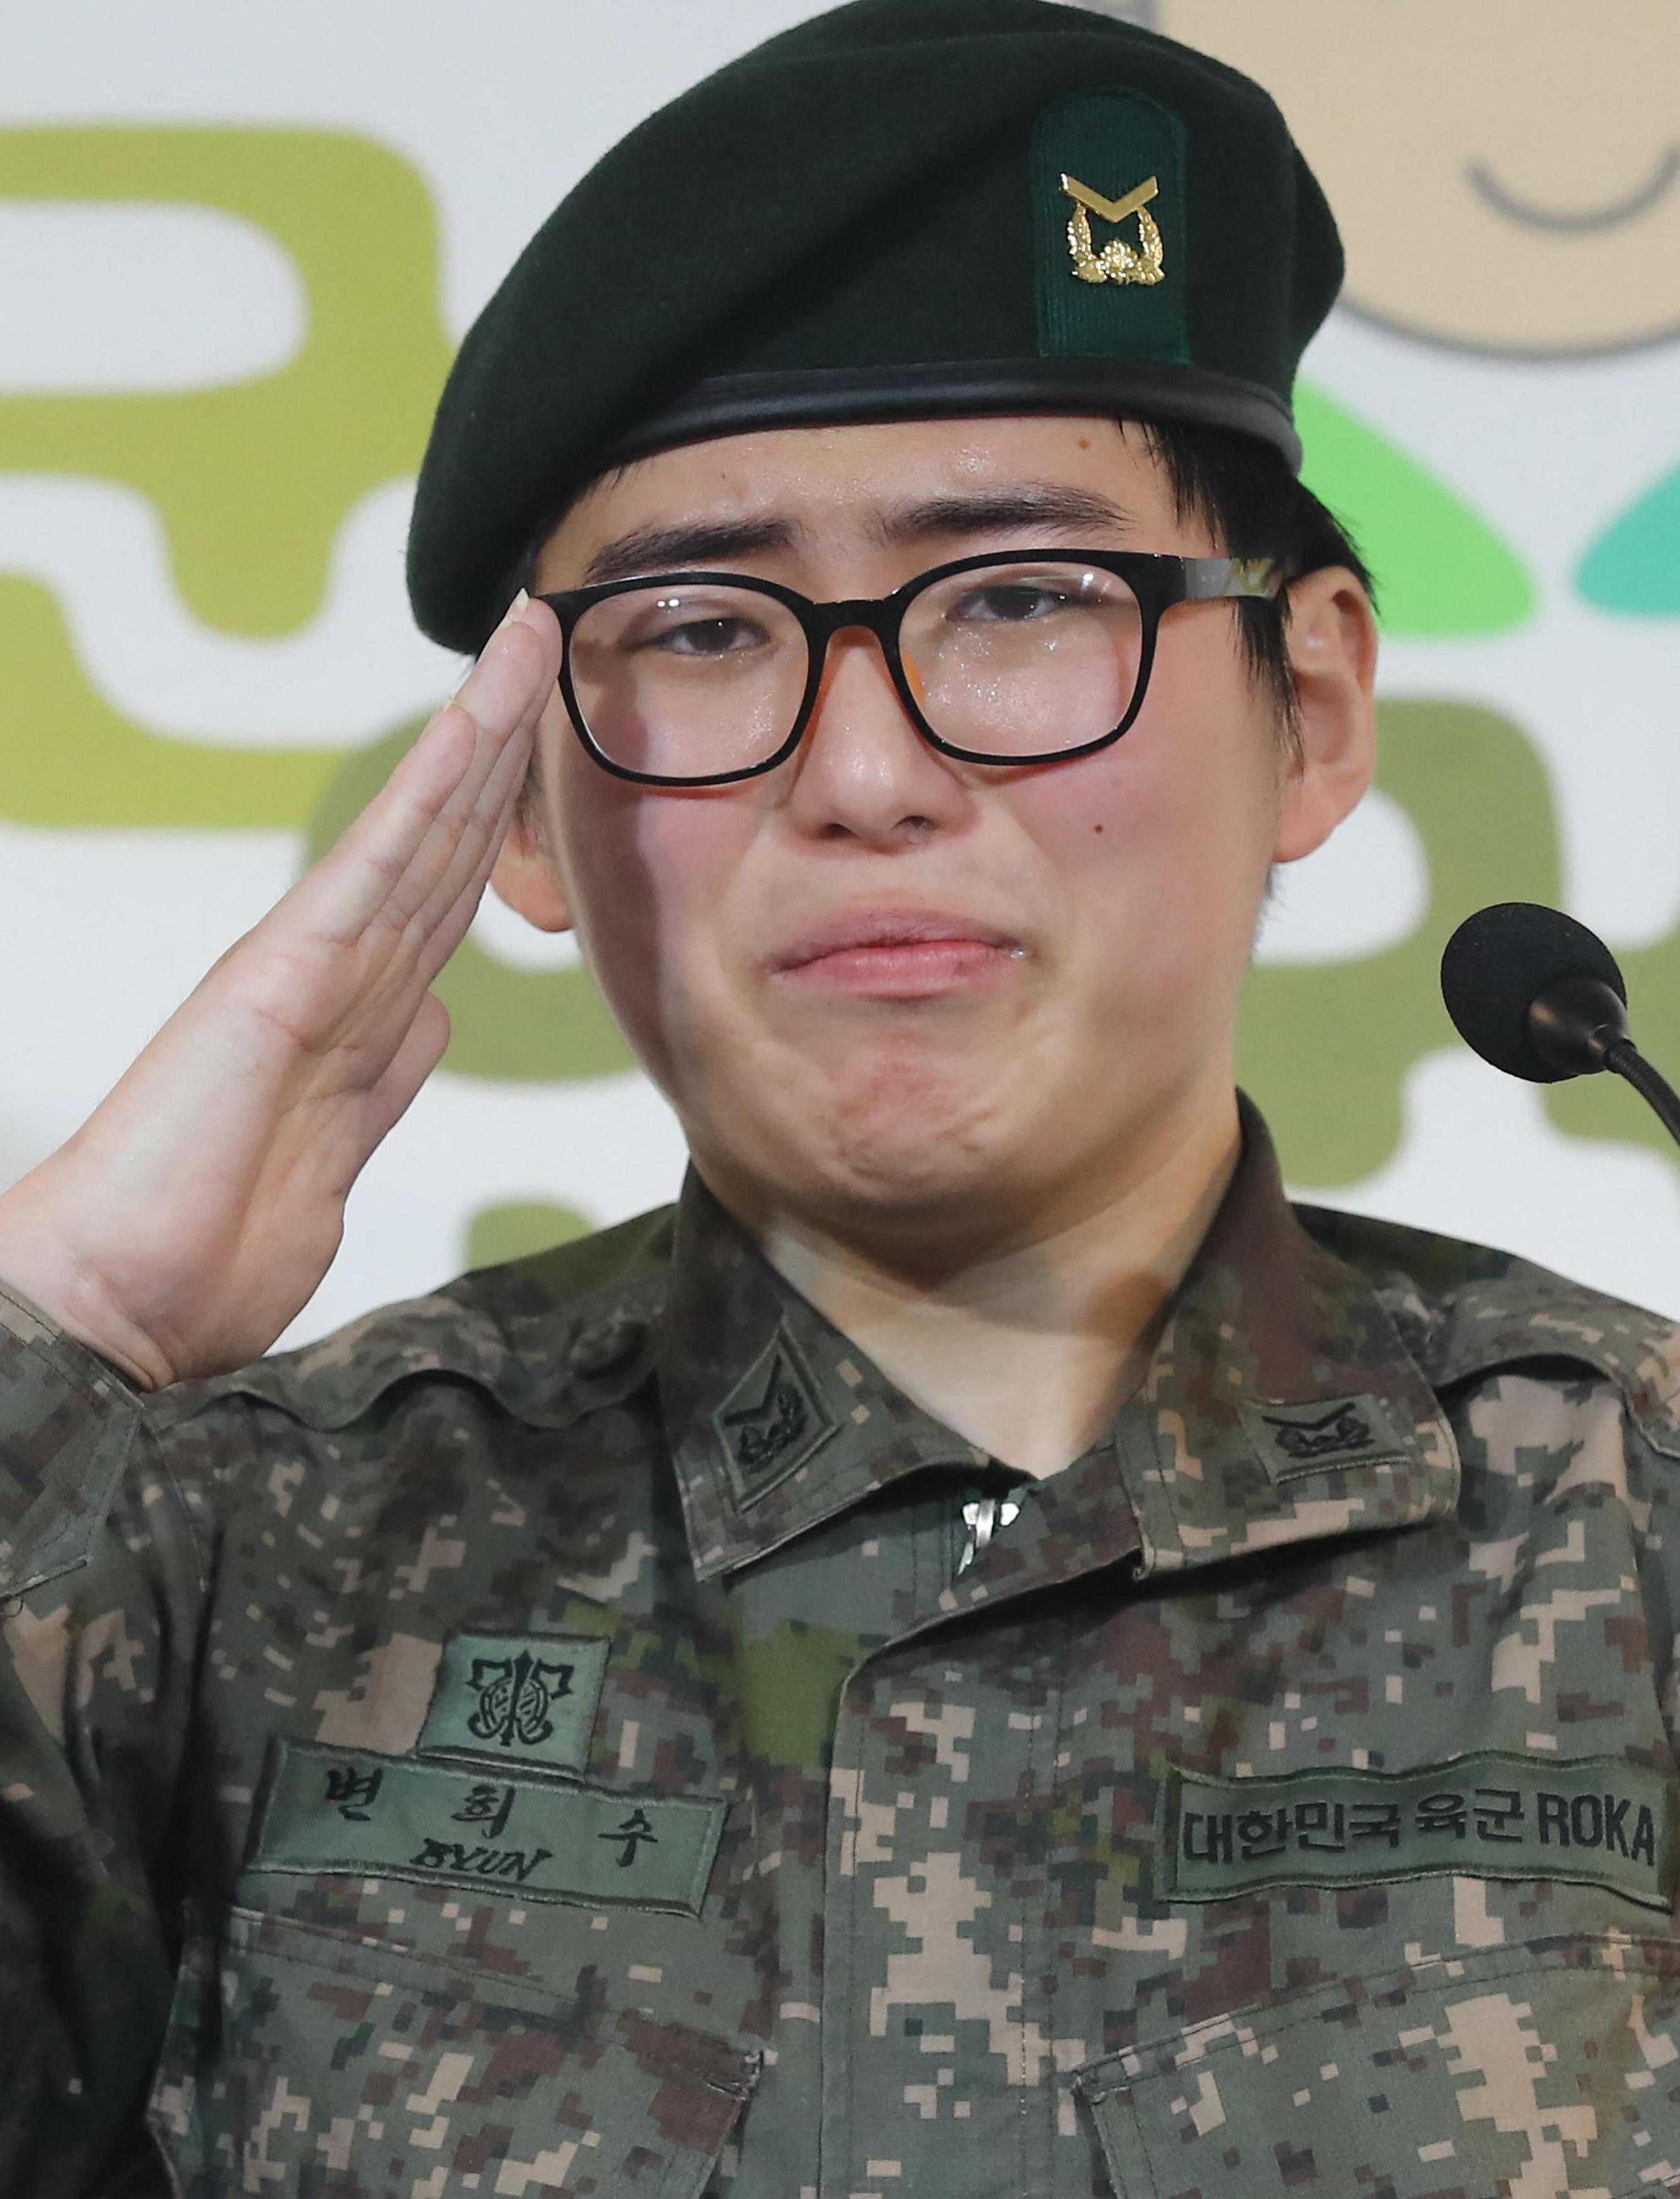 Holtan találták Dél-Korea első transznemű katonáját, akit a nemváltó műtétje után elbocsátottak